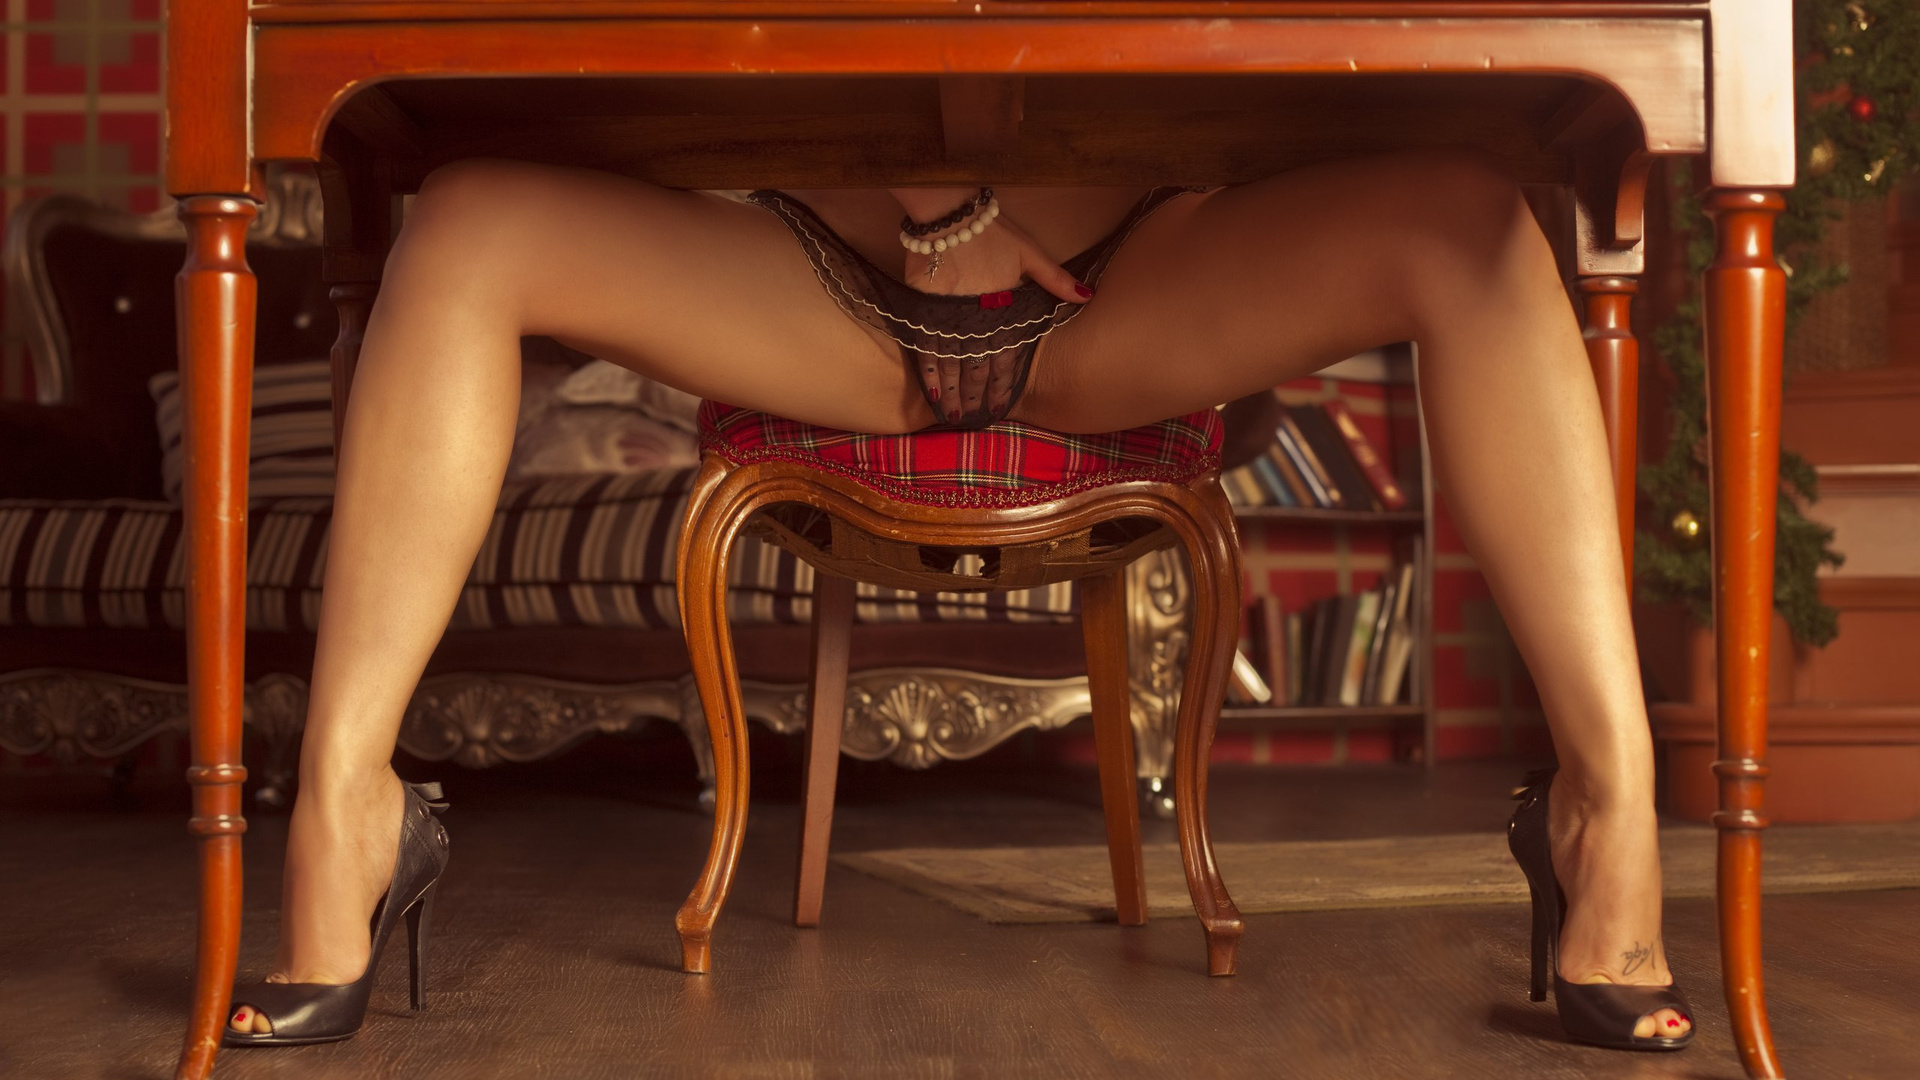 Секси женщина на стуле фото смотреть 7 фотография